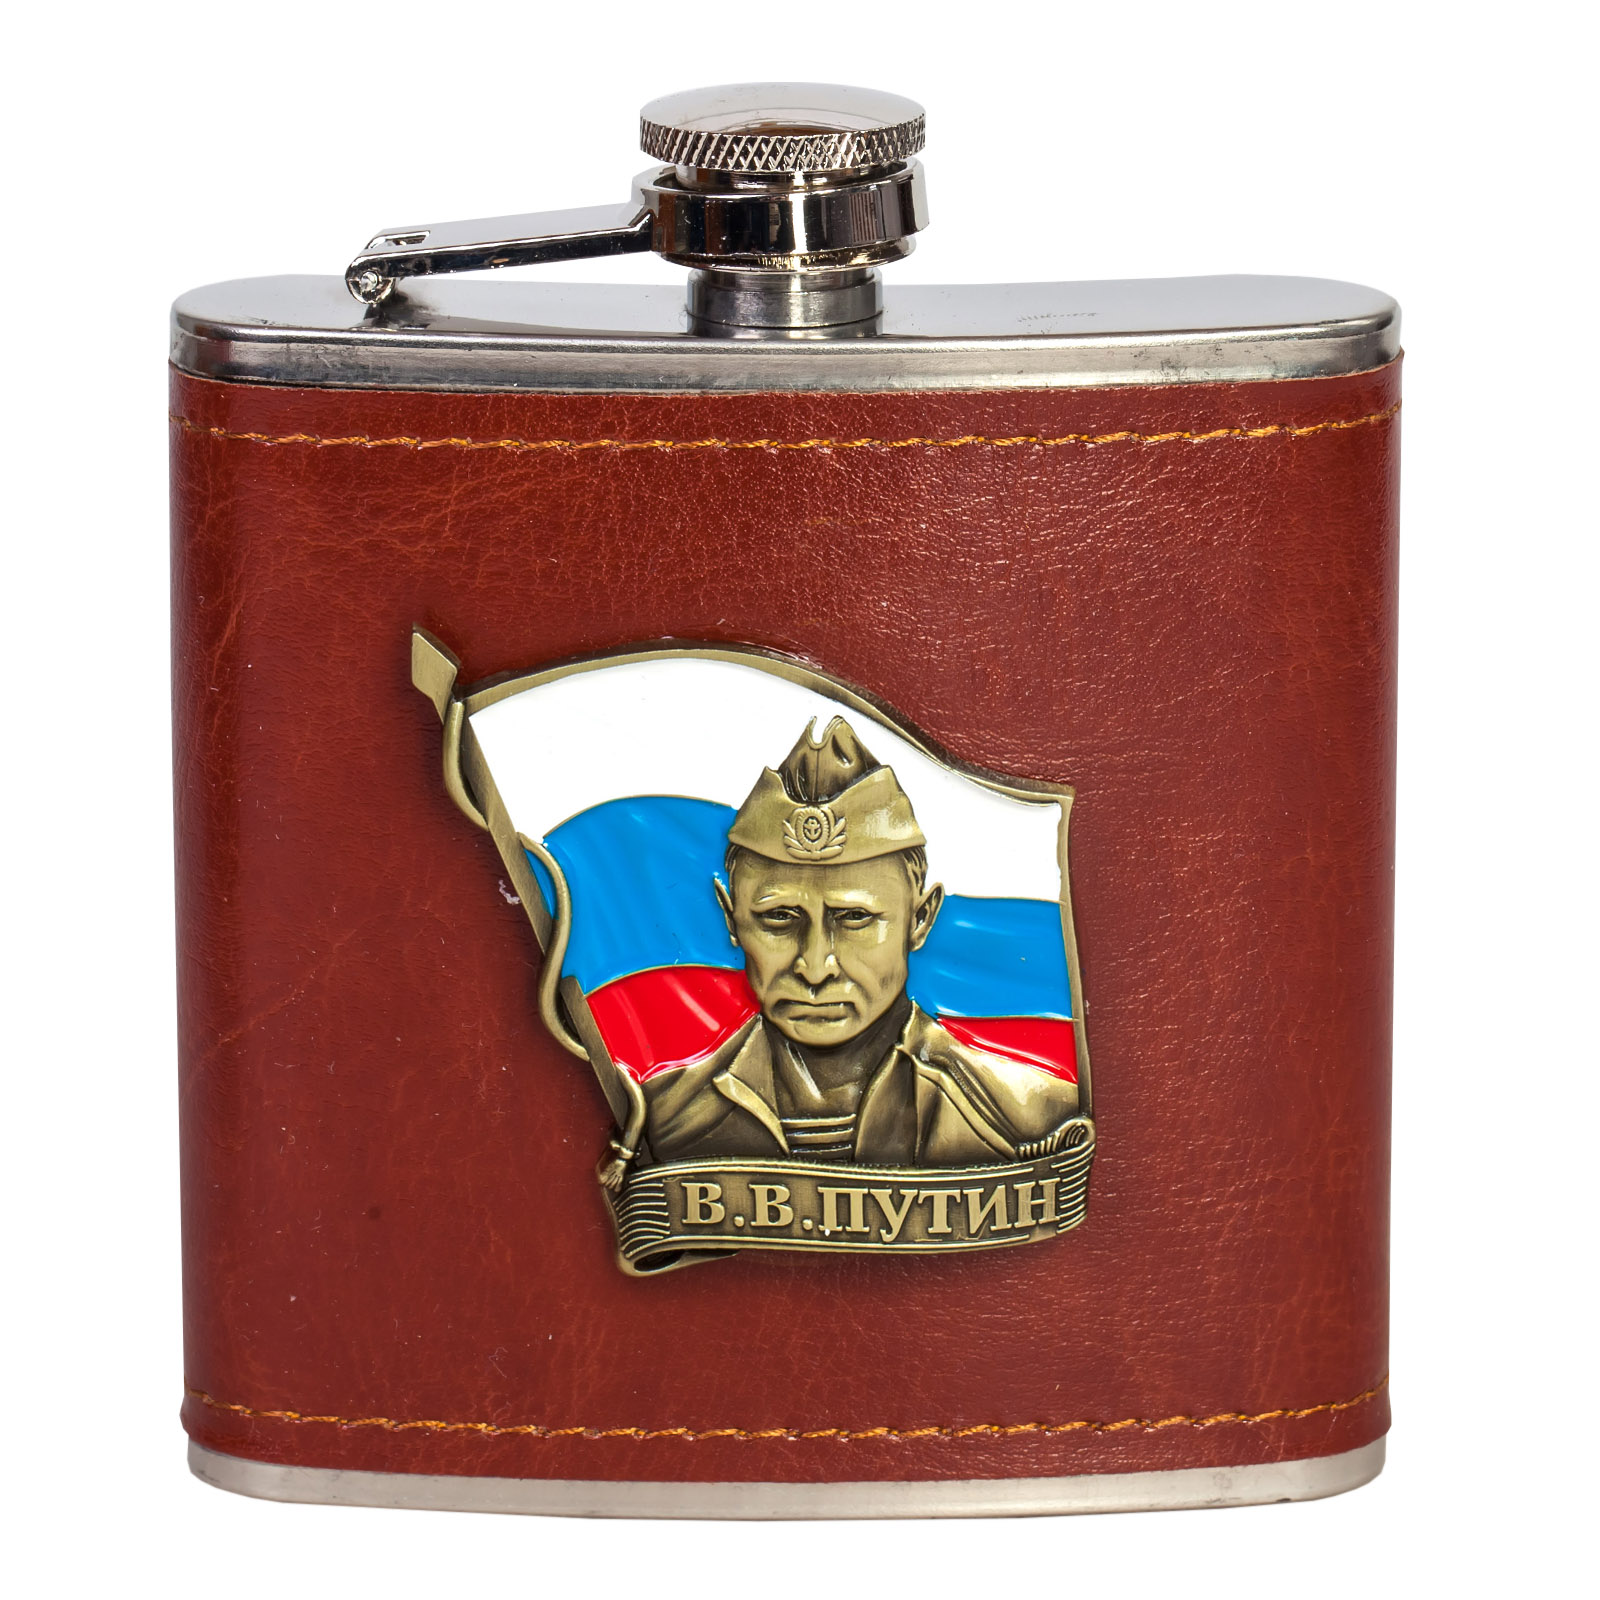 Правильная фляга для алкоголя с портретом Путина на фоне флага России.